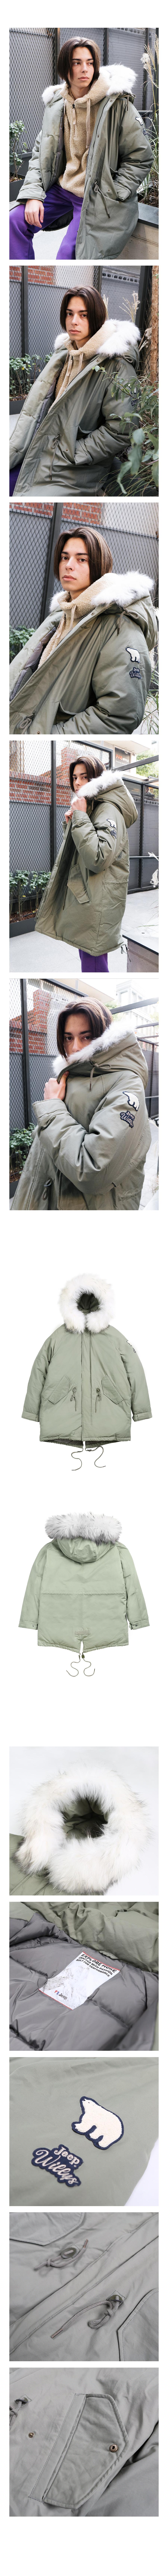 지프(JEEP) Polar Bear (GJ4JPU403KH)